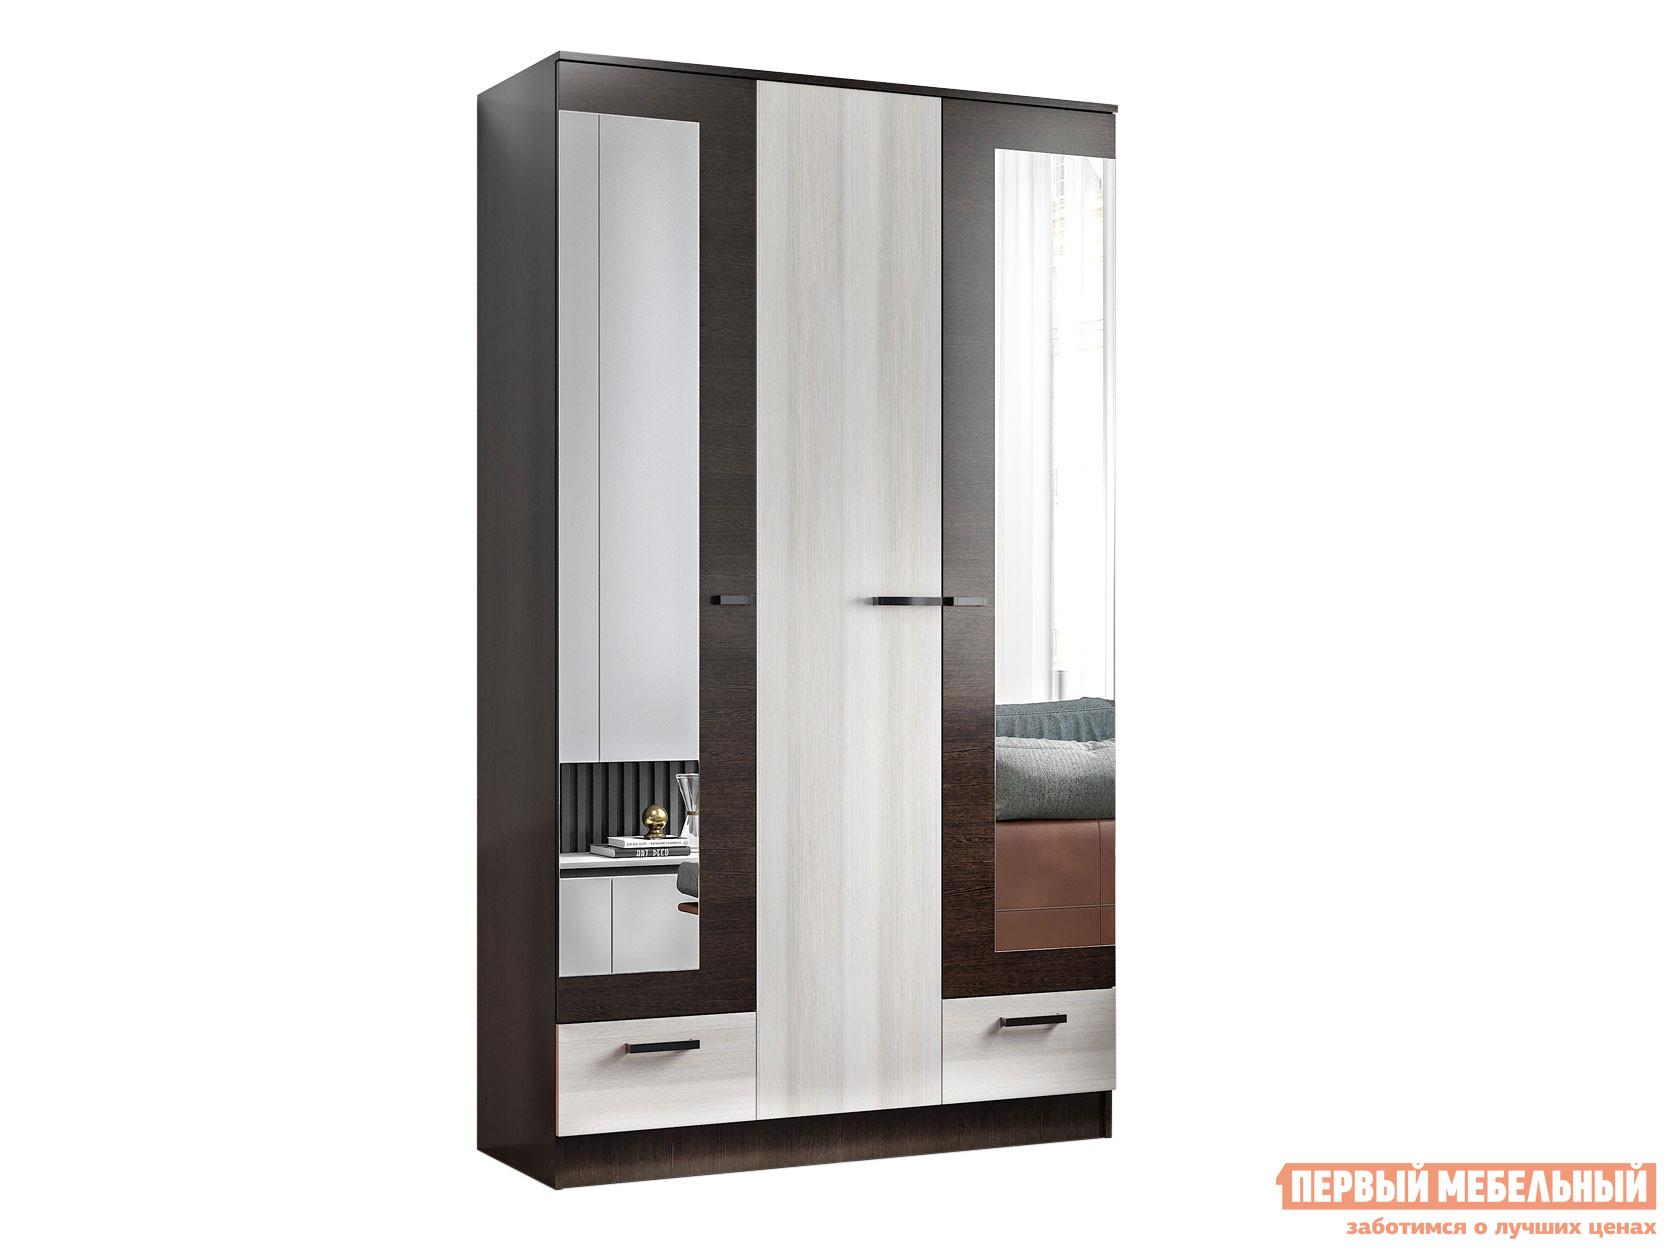 Распашной шкаф Первый Мебельный Шкаф Адель 1,2 м